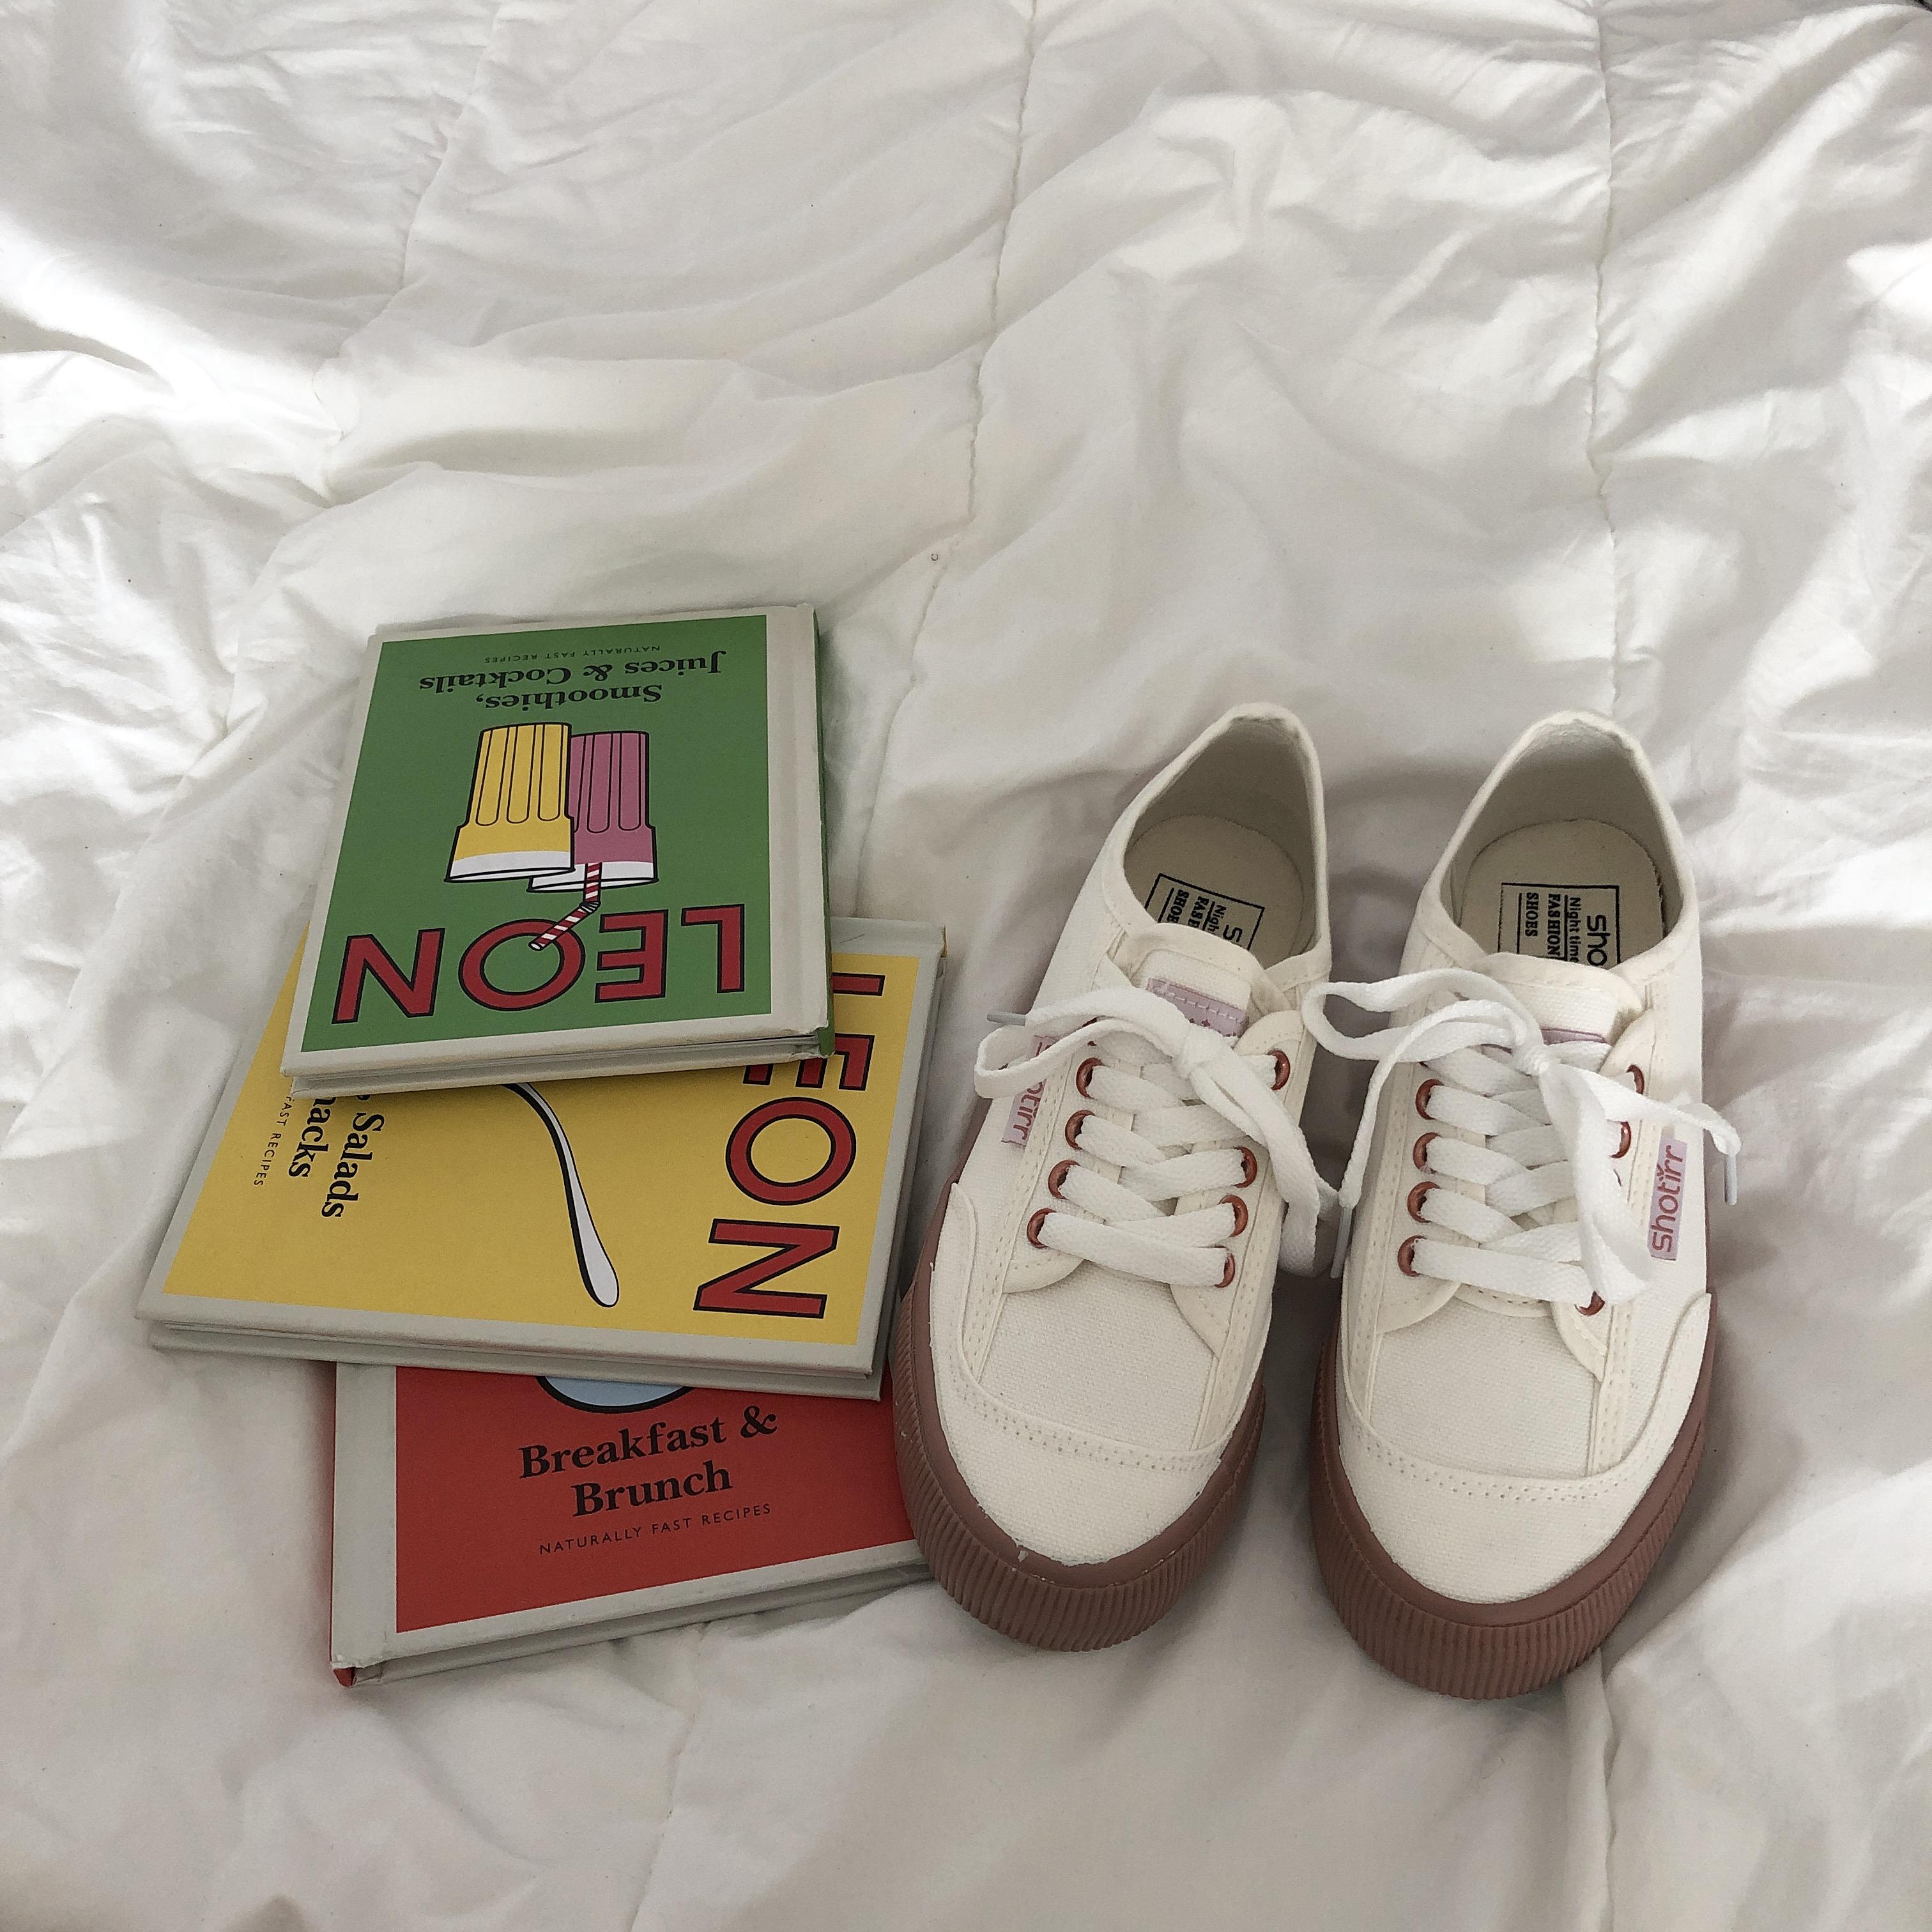 韩风鞋子小白鞋学院女帆布鞋 chic 原宿百搭板鞋 ins 新款 2018 许刘芒